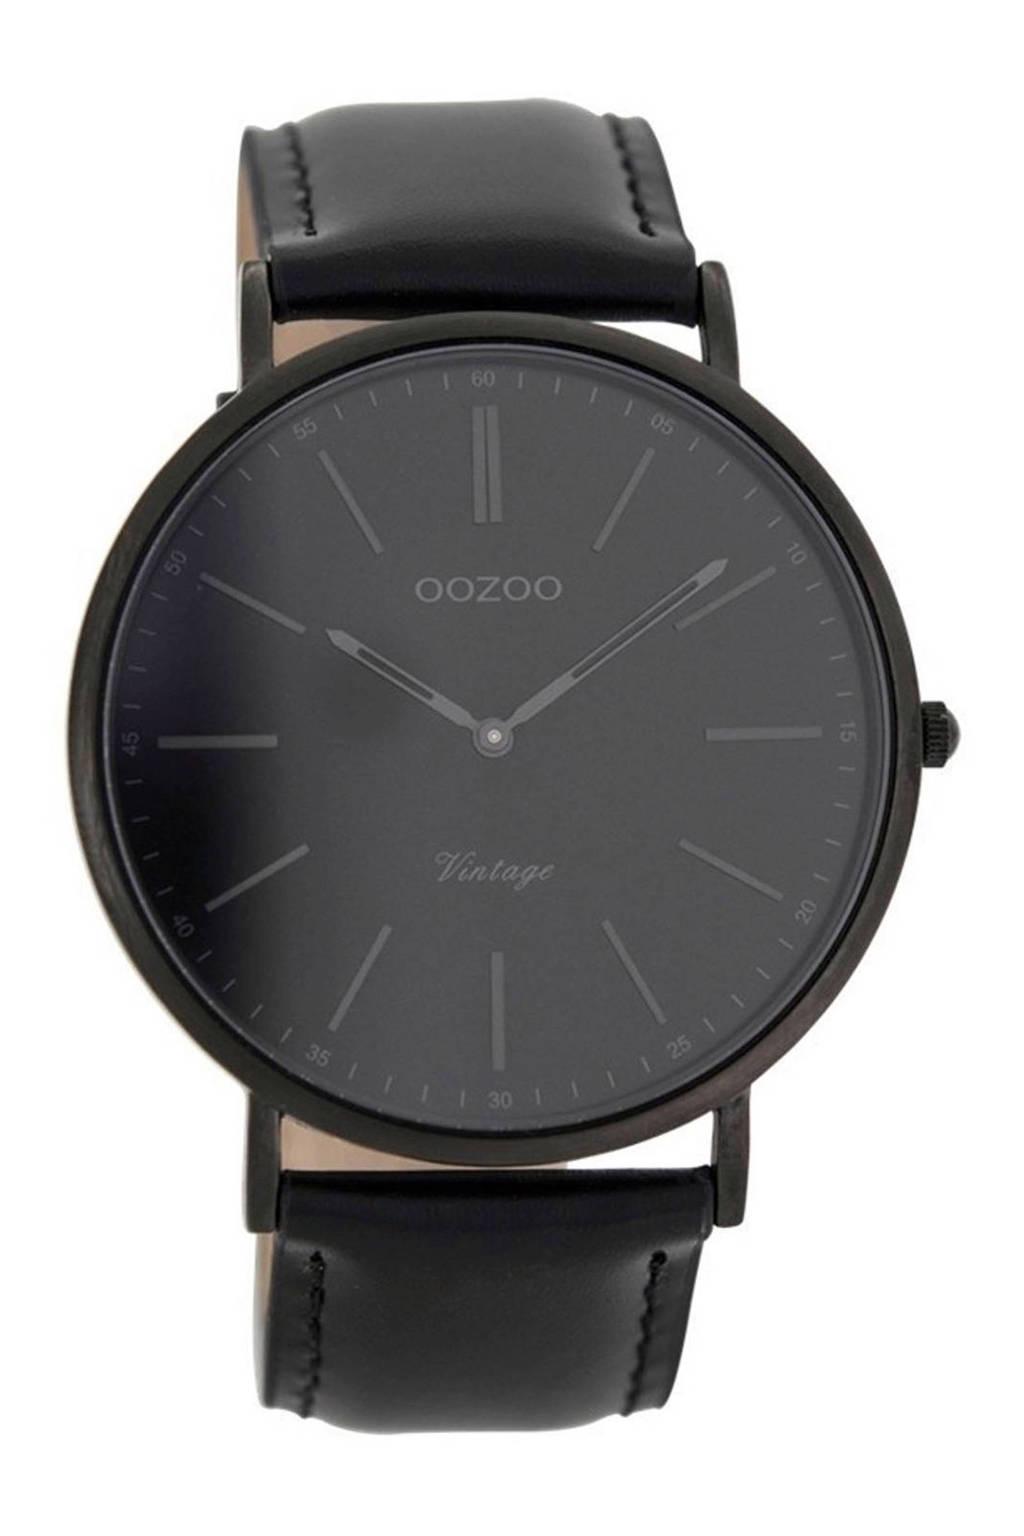 OOZOO Vintage horloge - C7301, Zwart